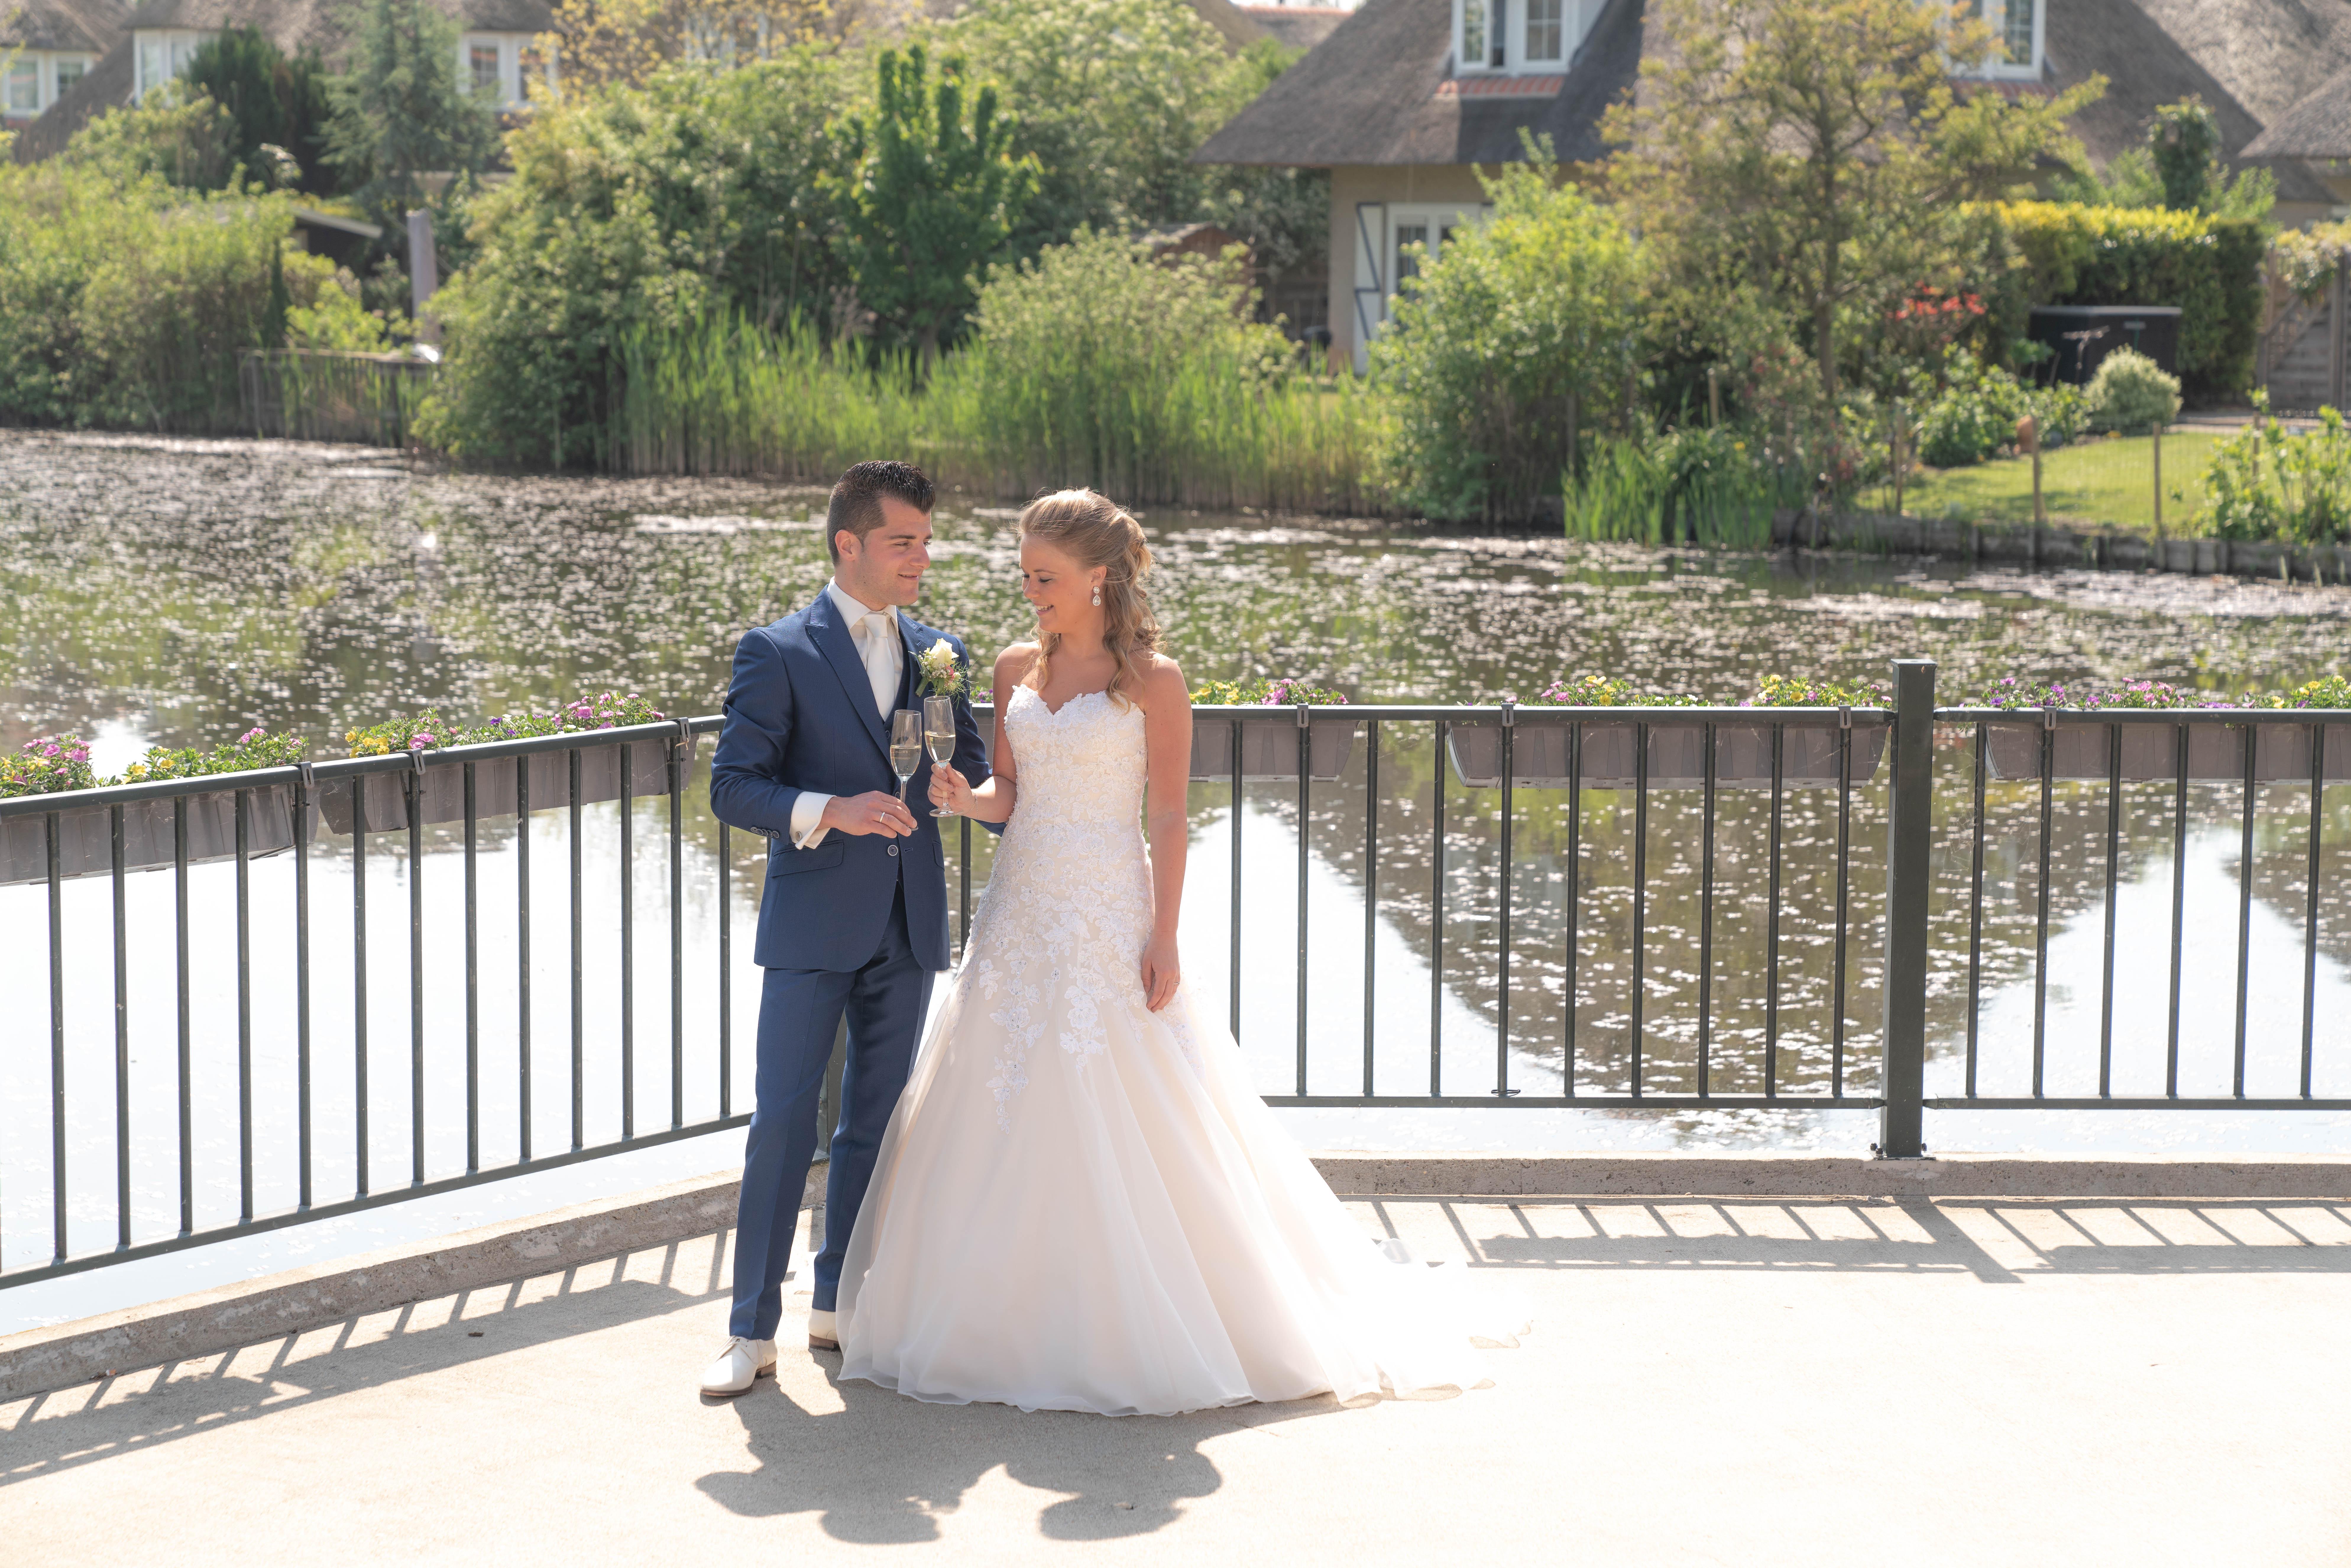 Bruidspaar dat proost op hun bruiloft bij langs een vijver